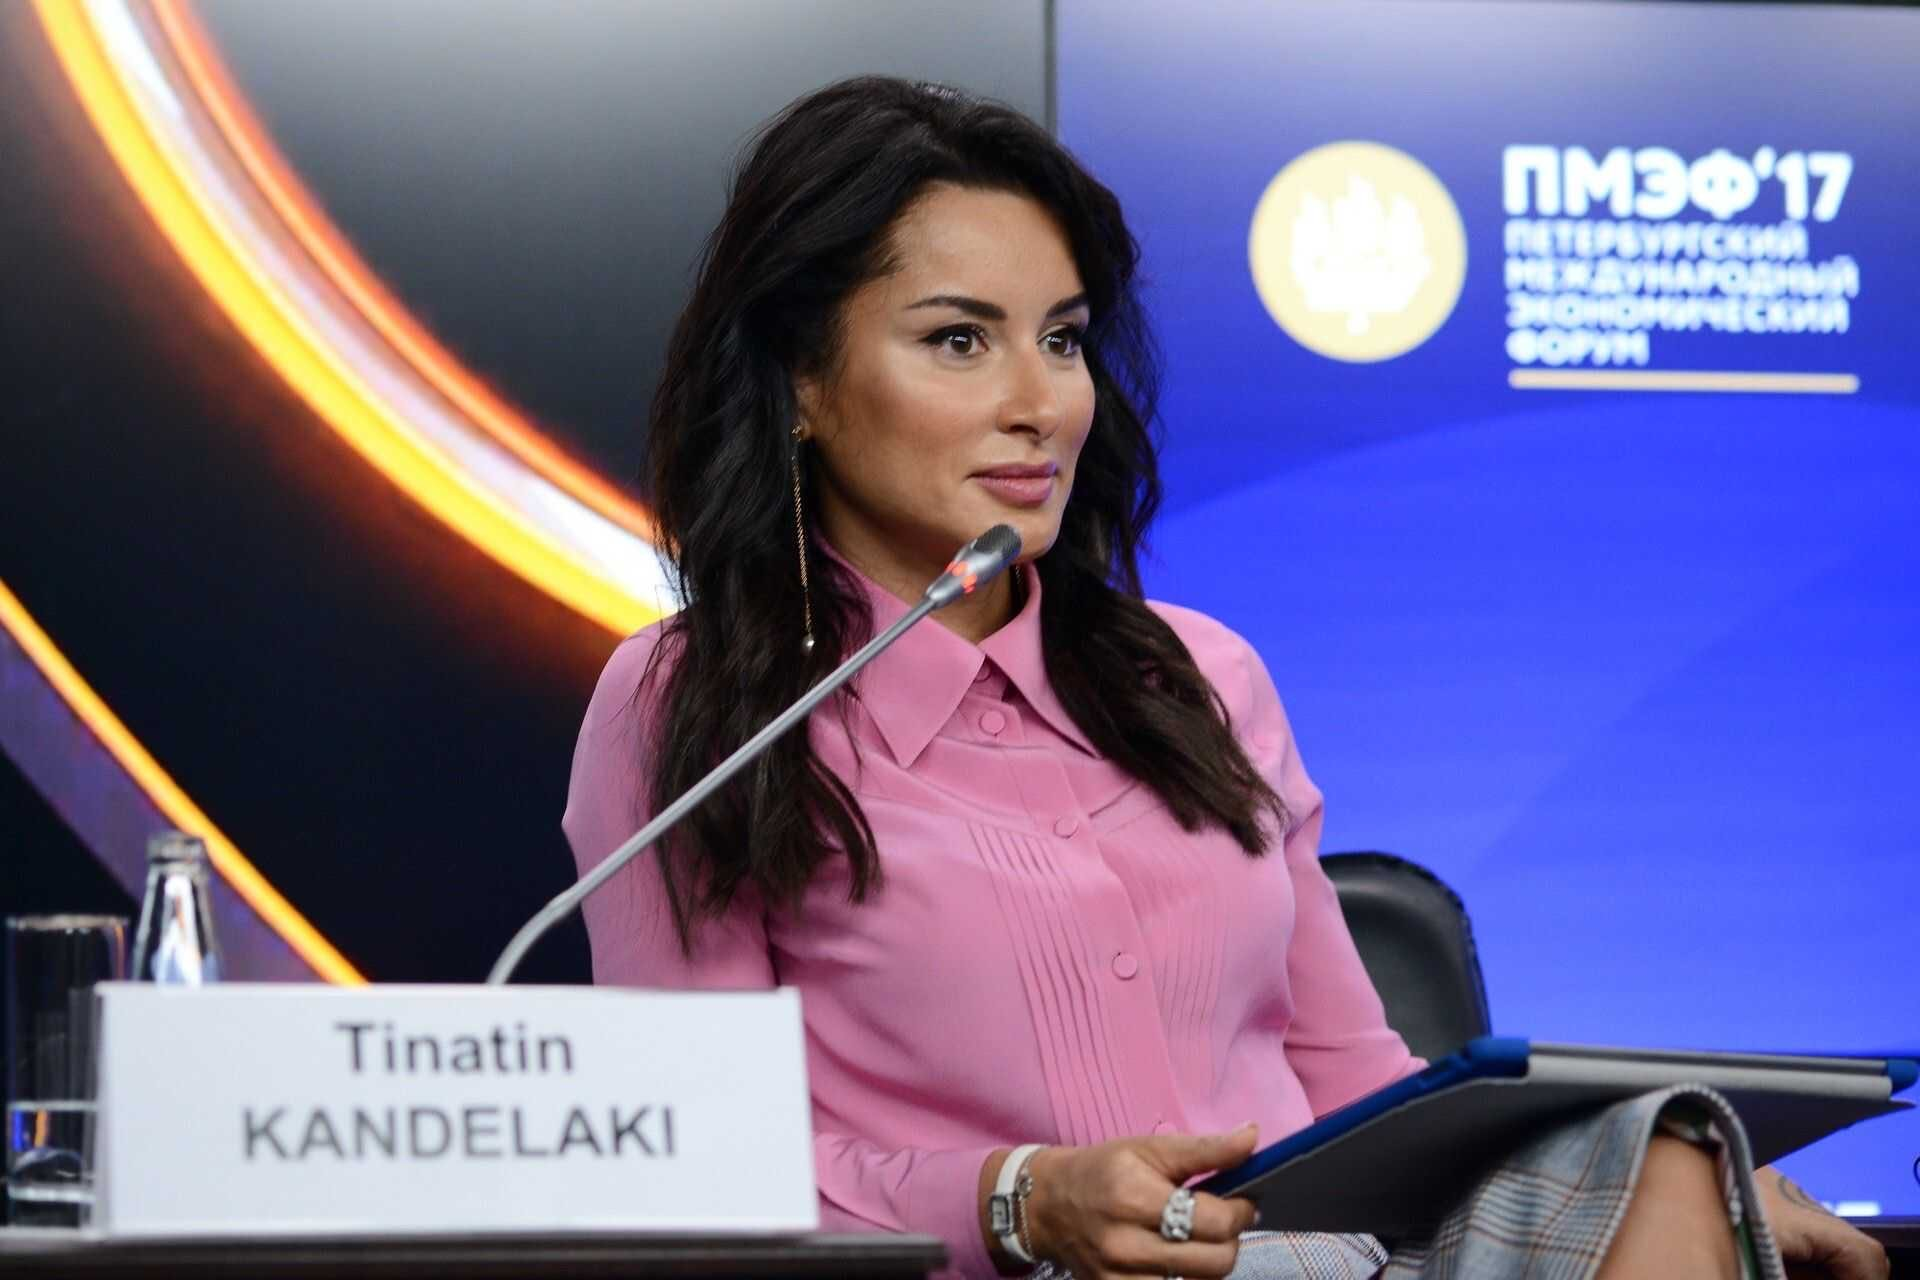 Тина Канделаки ушла с поста генпродюсера Матч-ТВ и похвасталась своей новой должностью